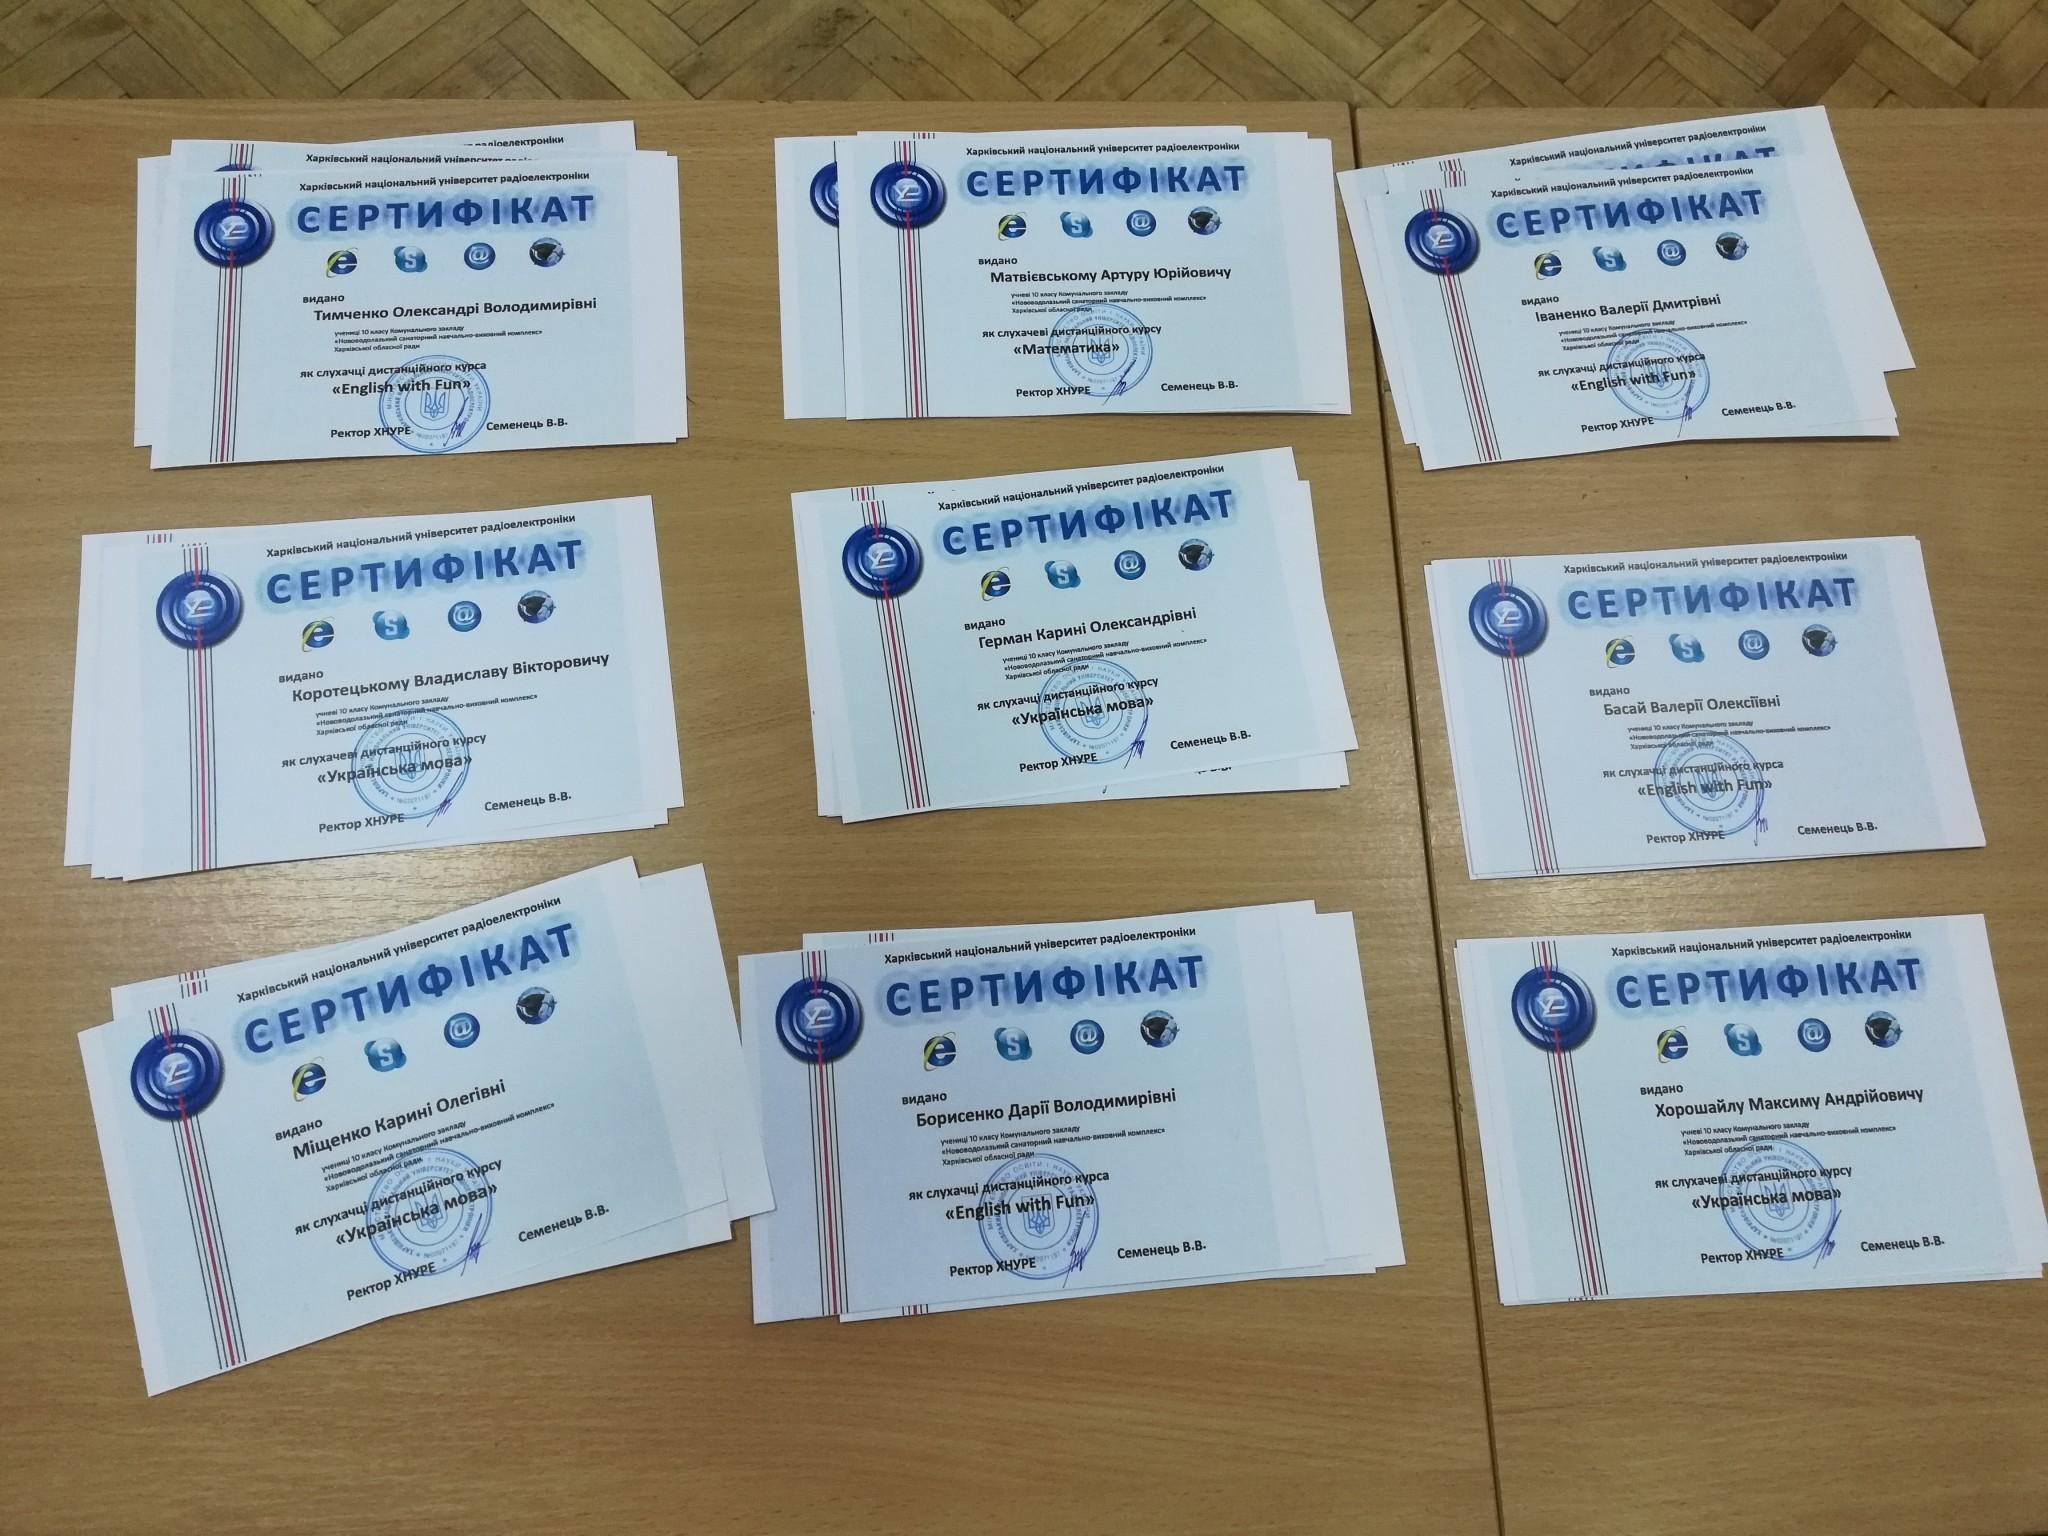 Школярі з Нової Водолаги отримали сертифікати закінчення дистанційних курсів